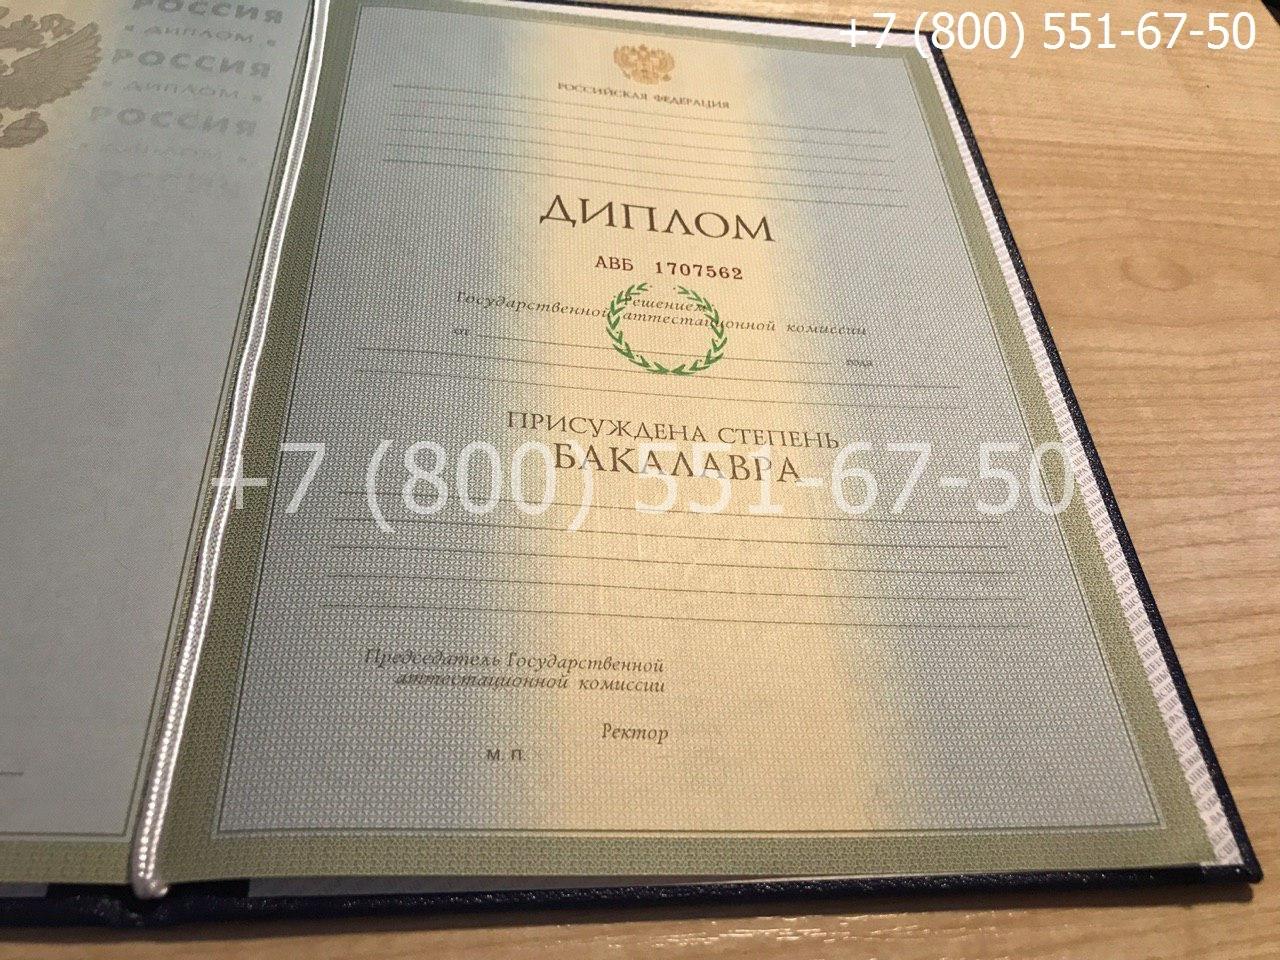 Диплом бакалавра 2004-2009 годов, образец, титульный лист-1